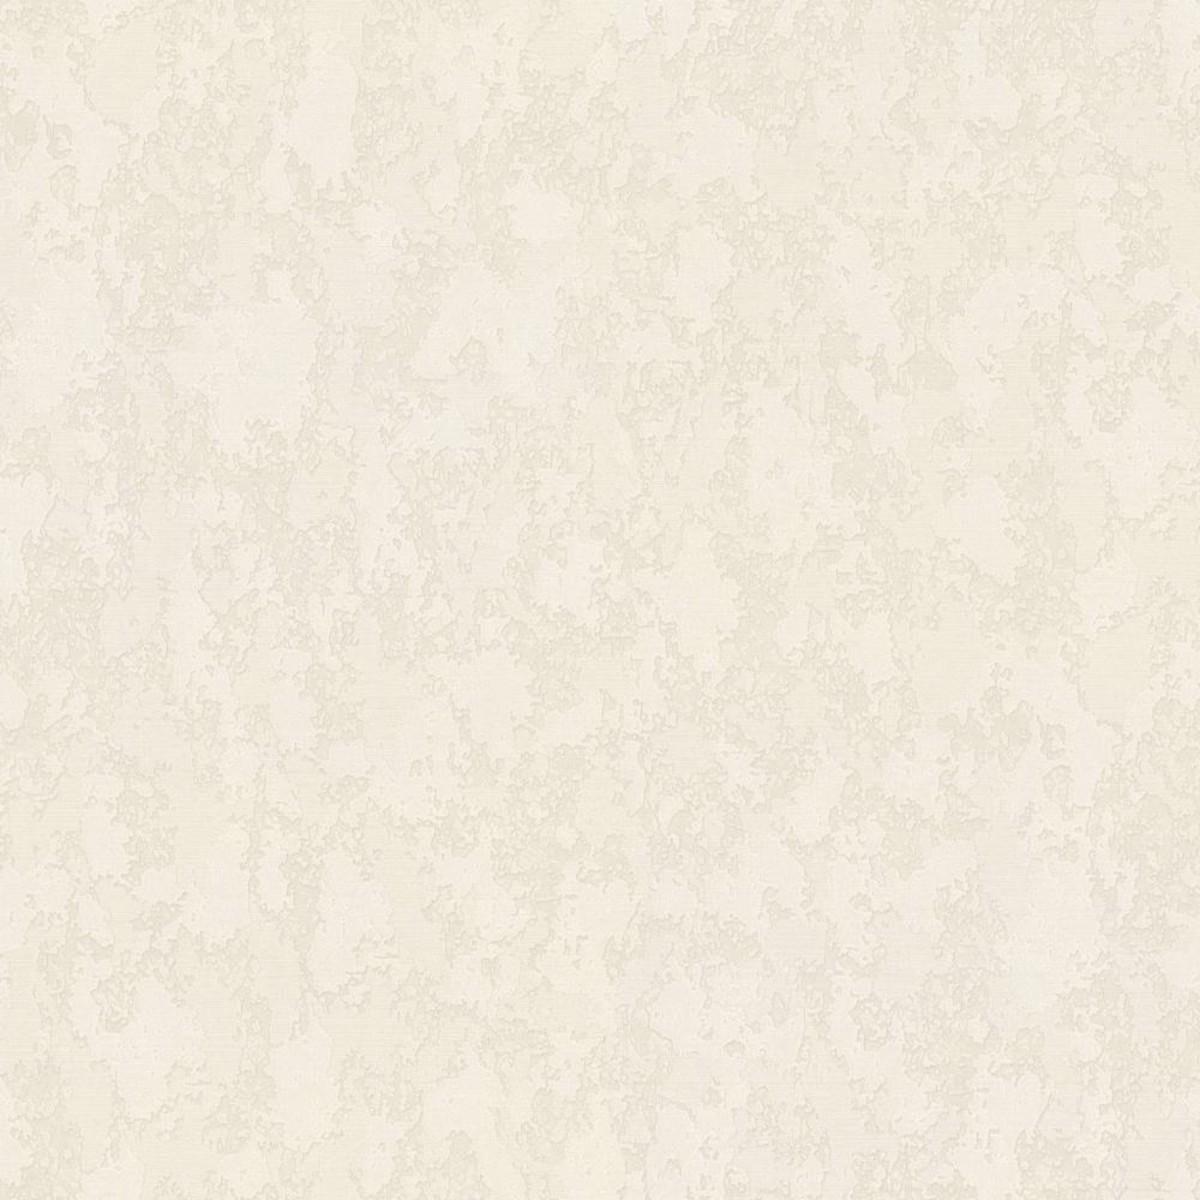 Обои флизелиновые ПАЛИТРА Sicilia бежевые PL71530-12 1.06 м